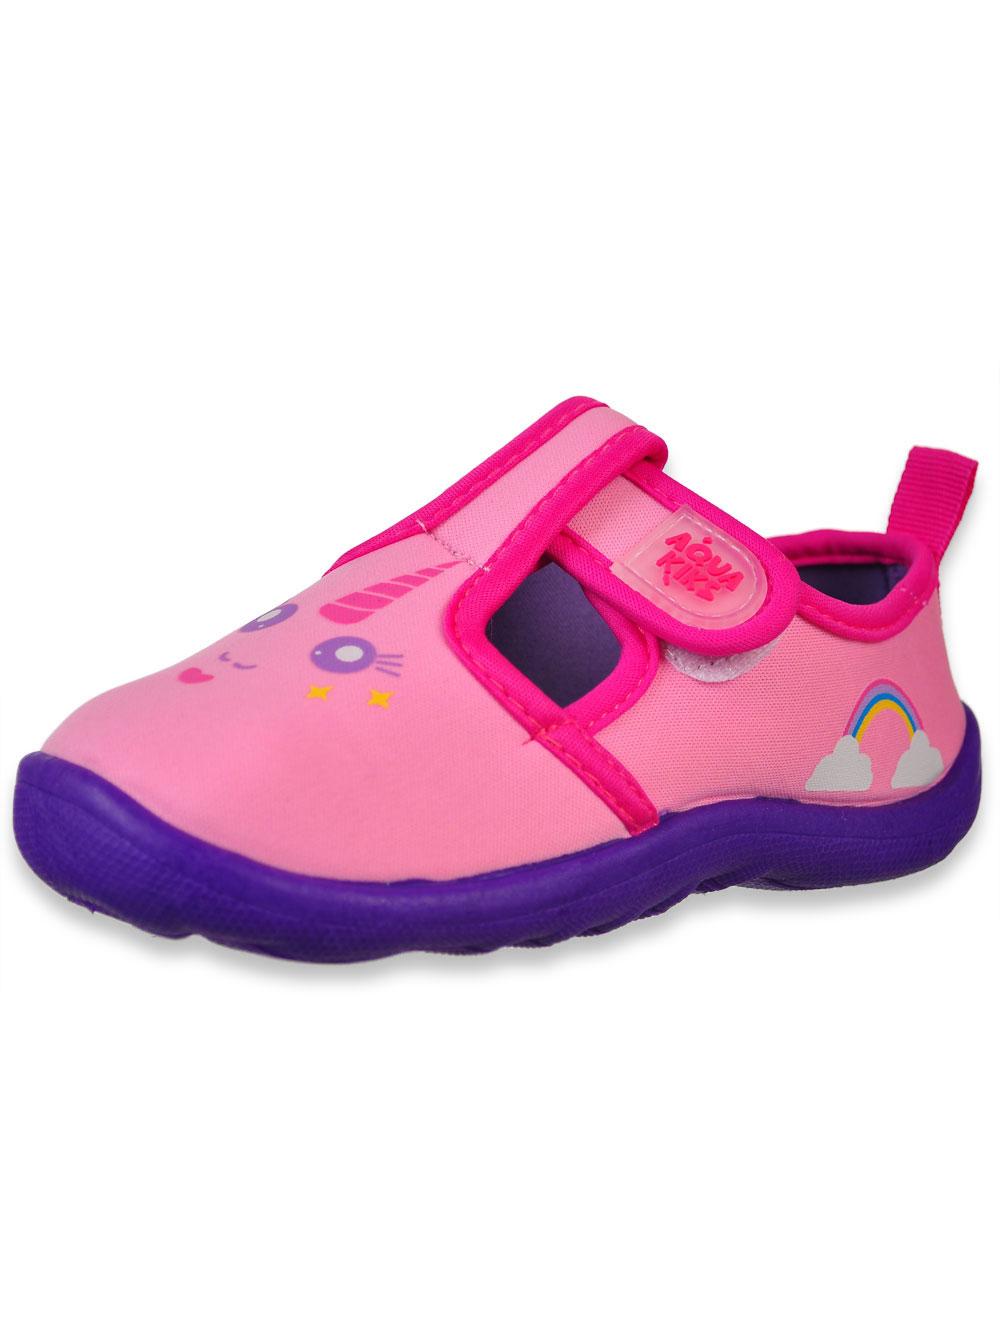 b0e141843c84 Aqua Kiks Girls  Water Shoes (Sizes 5 – 3)